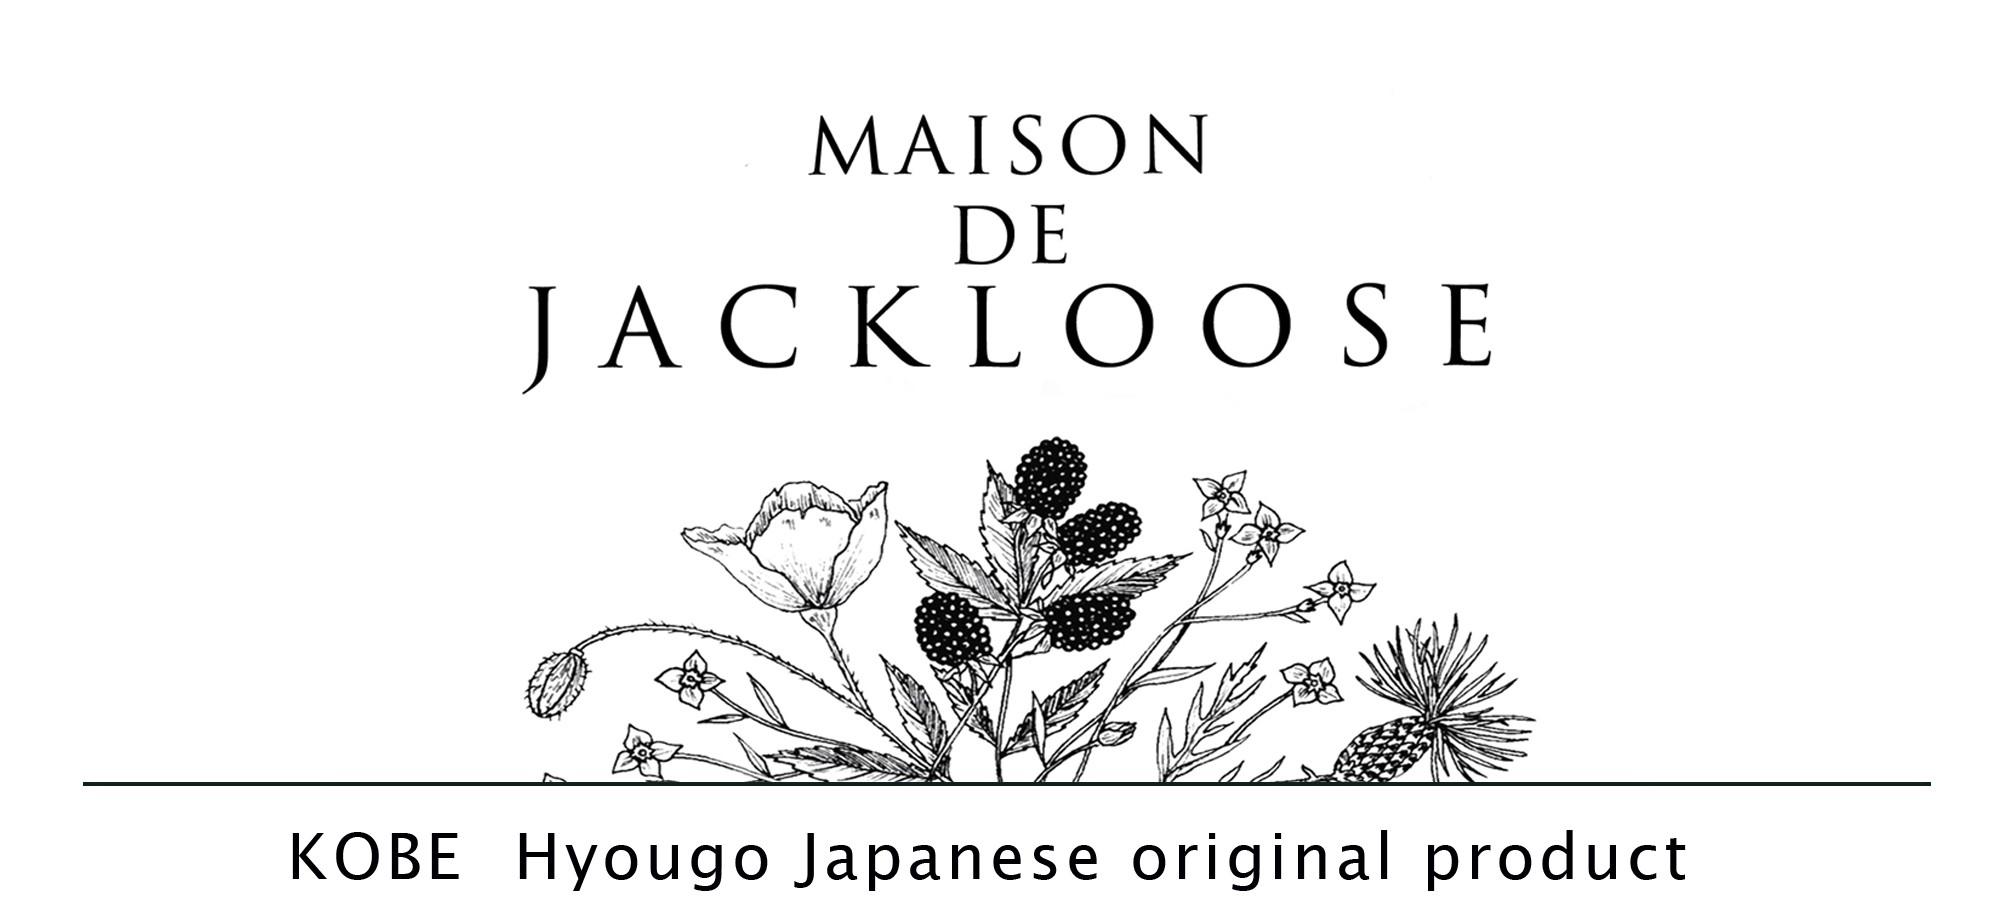 MAISON DE JACKLOOSE